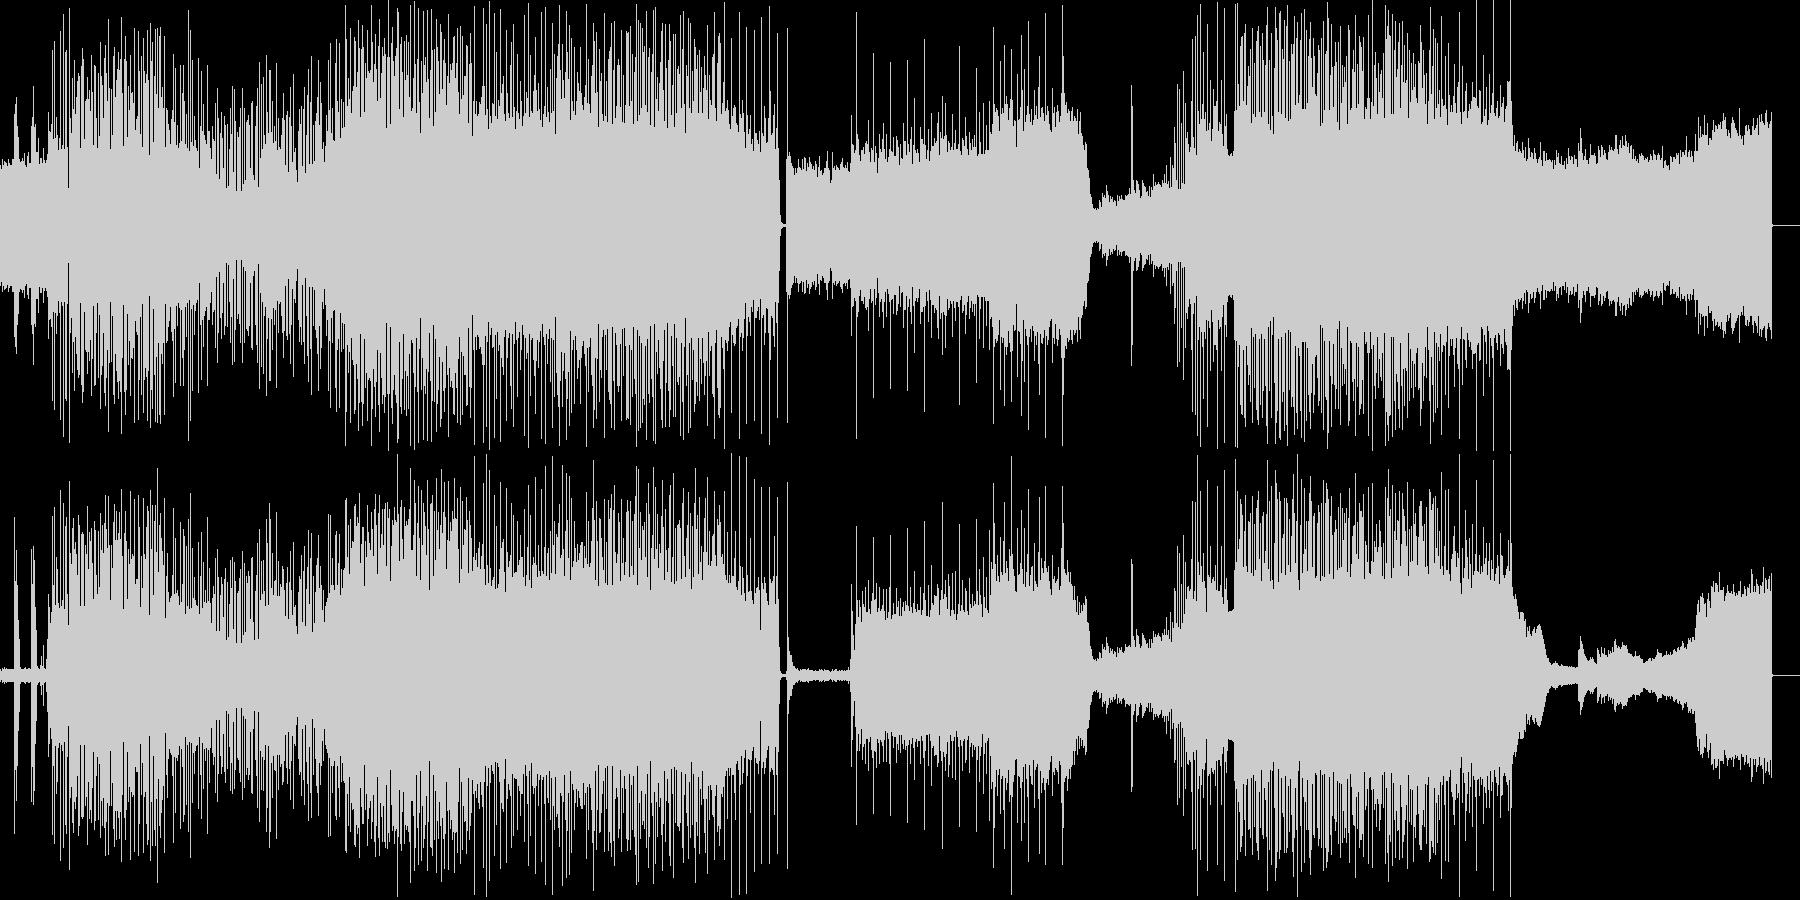 コード感を意識したメロディアスなインストの未再生の波形